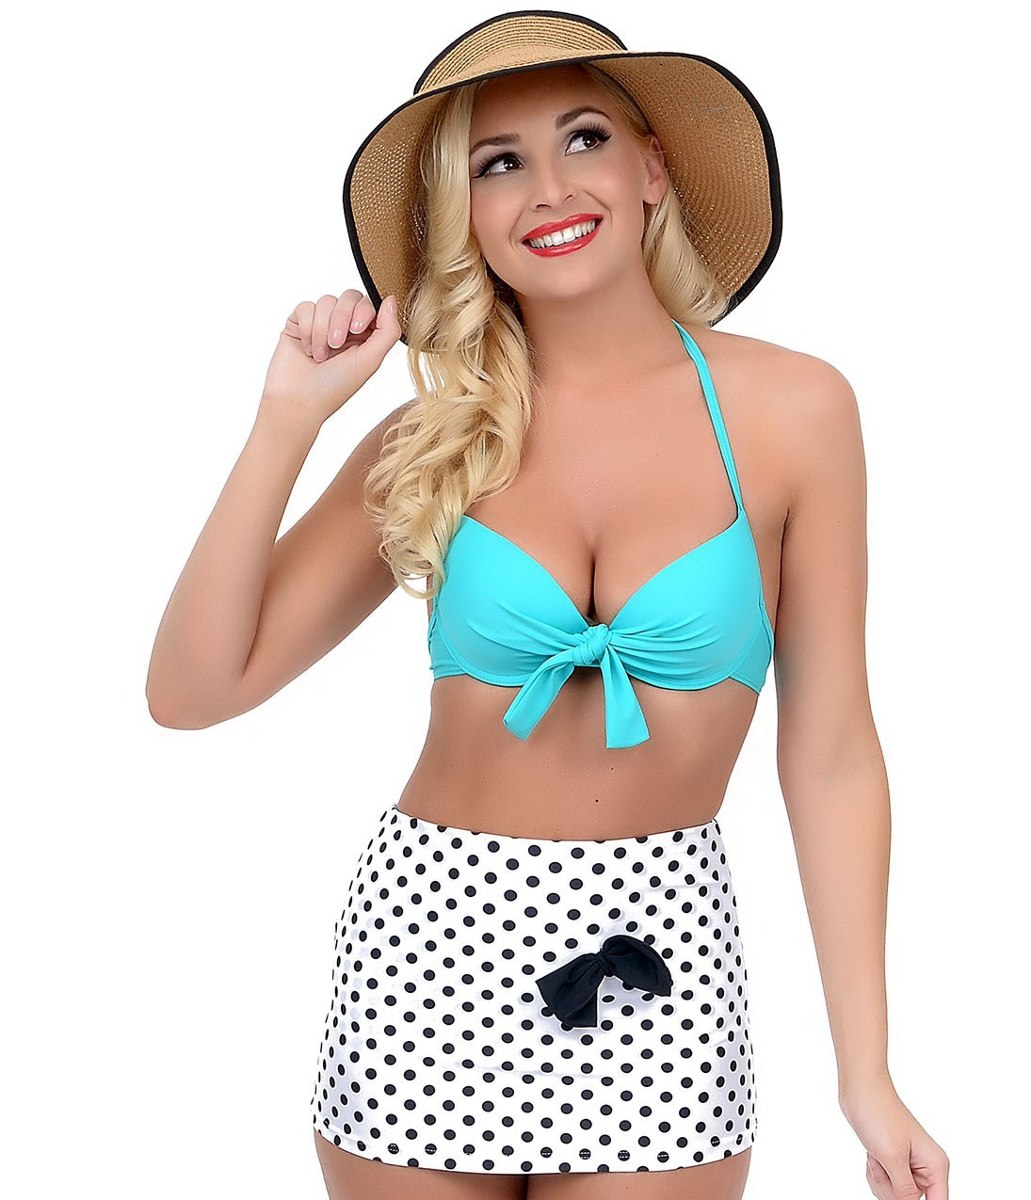 f61d65e4d7e0 Bikini Traje De Baño Dama Mujer Retro Falda Talla Chica 32 S ...